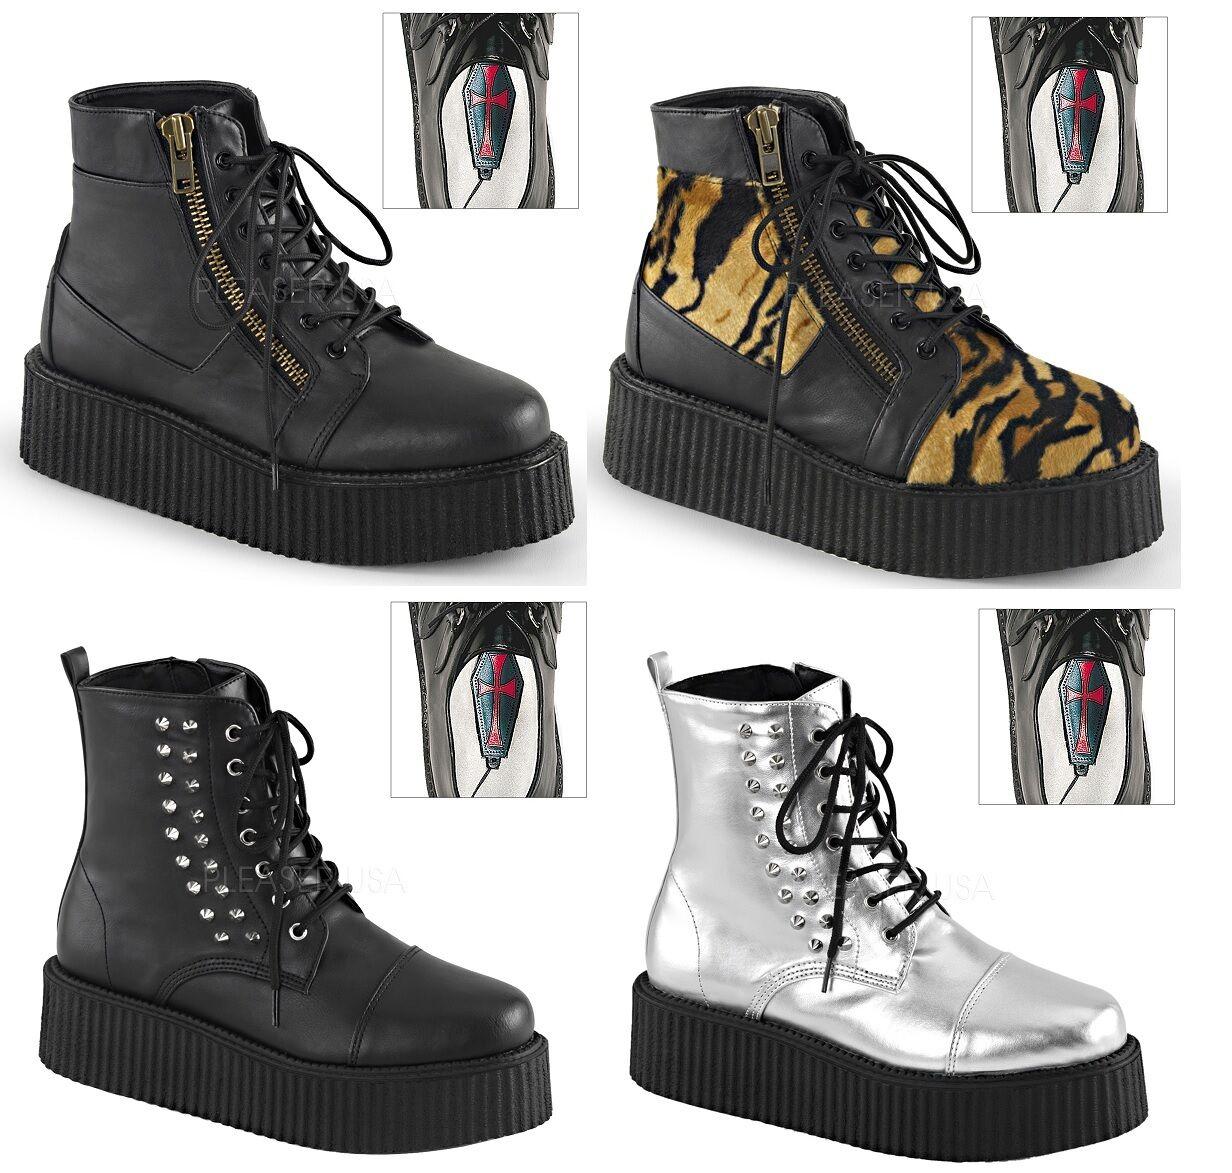 Demonia men's V-CREEPER-565 571 573 Vegan Boots